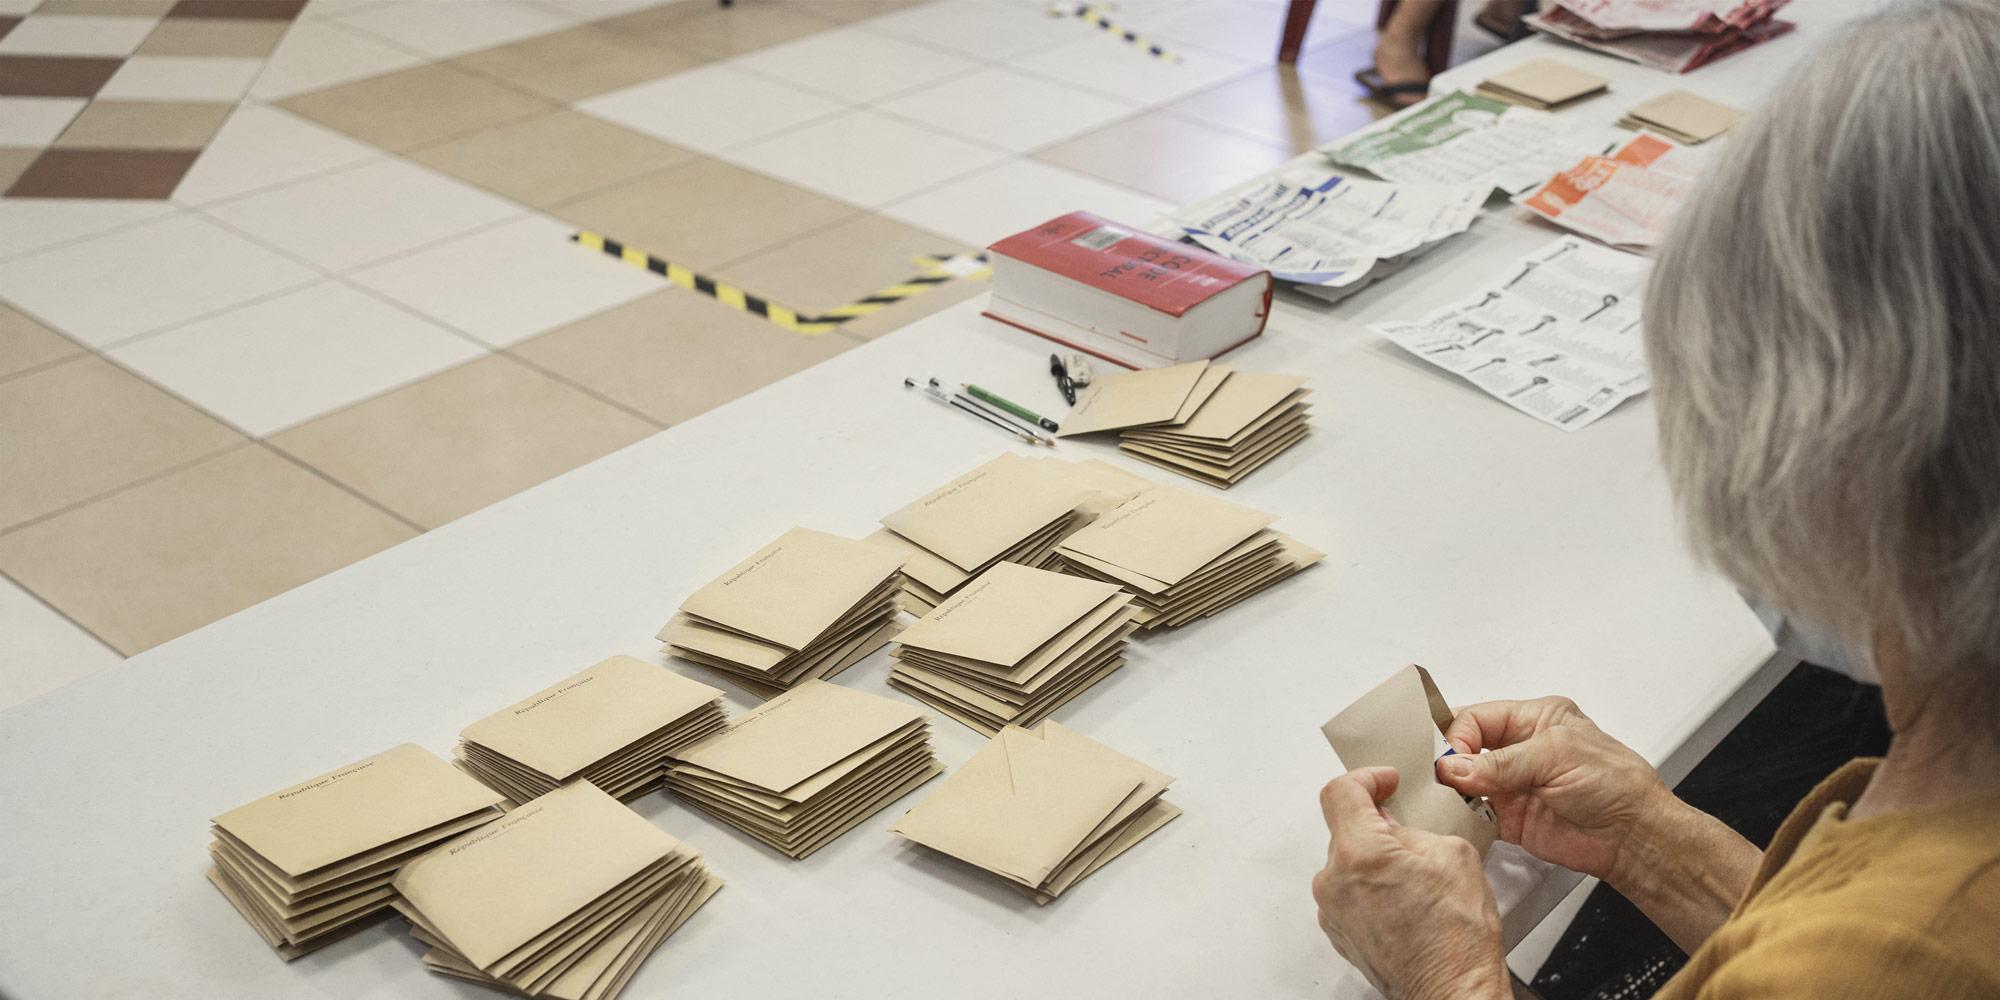 SONDAGE. Elections régionales : seuls 36% des Français envisagent d'aller voter au second tour